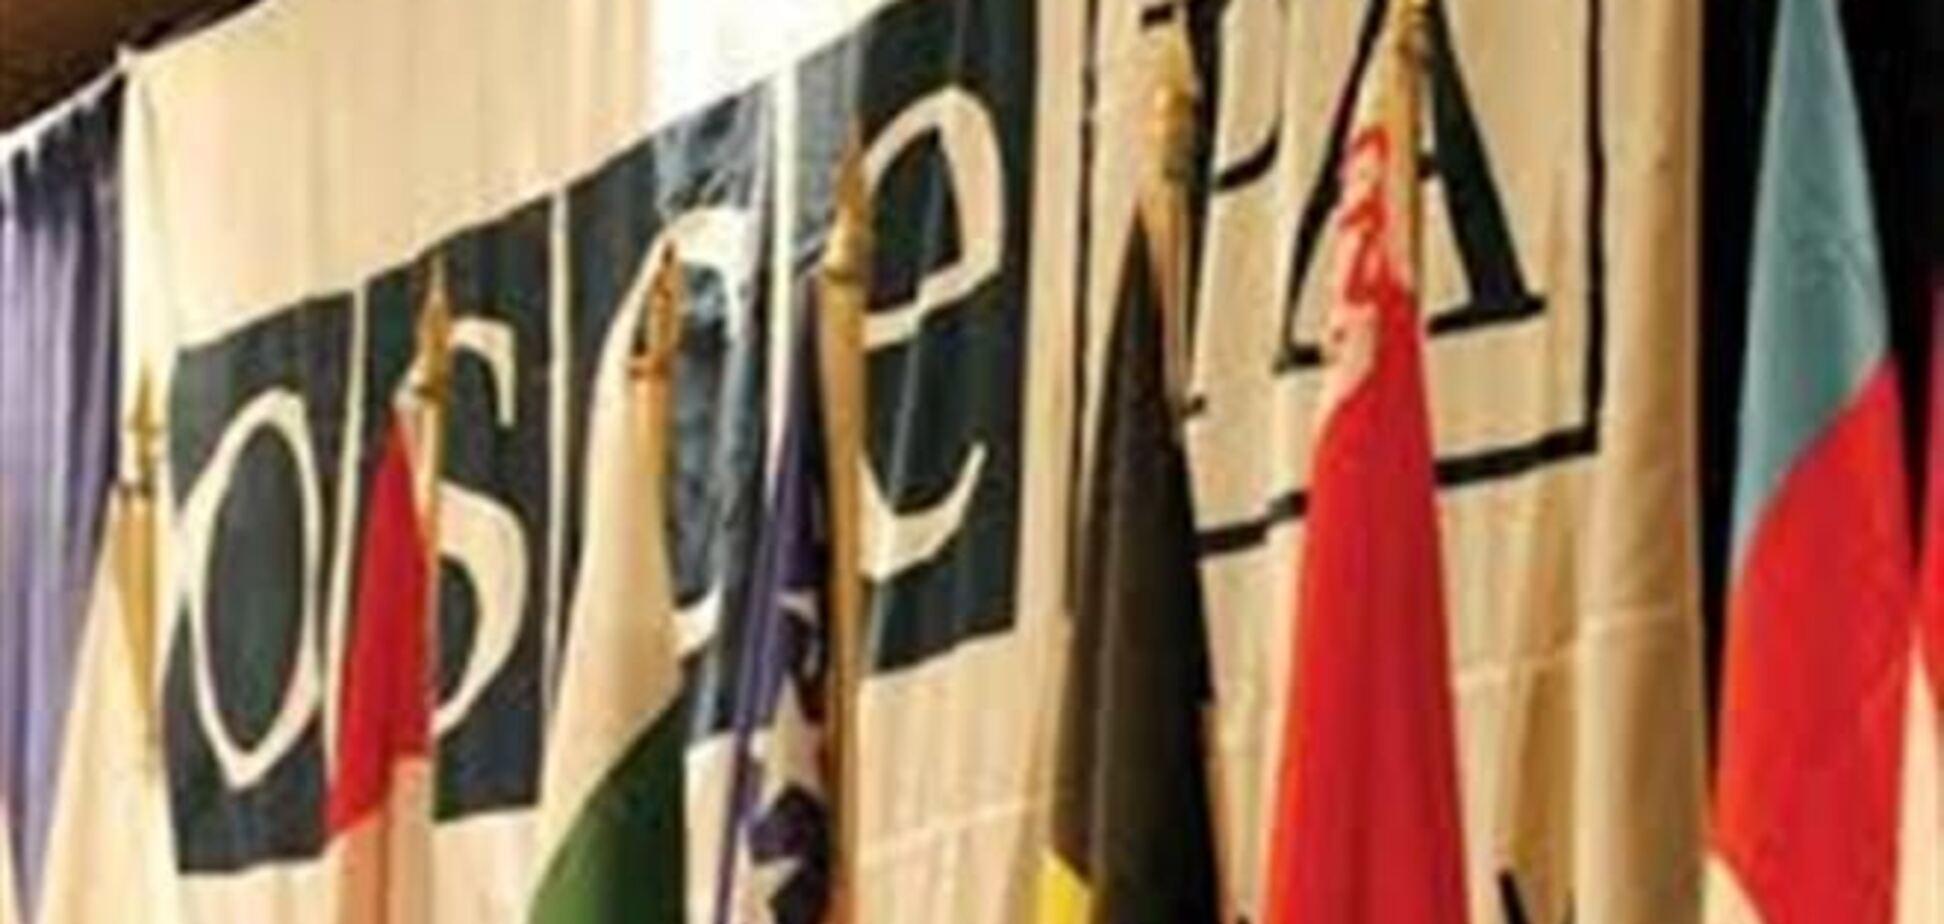 Россия нарушила 8 международных документов ООН и ОБСЕ